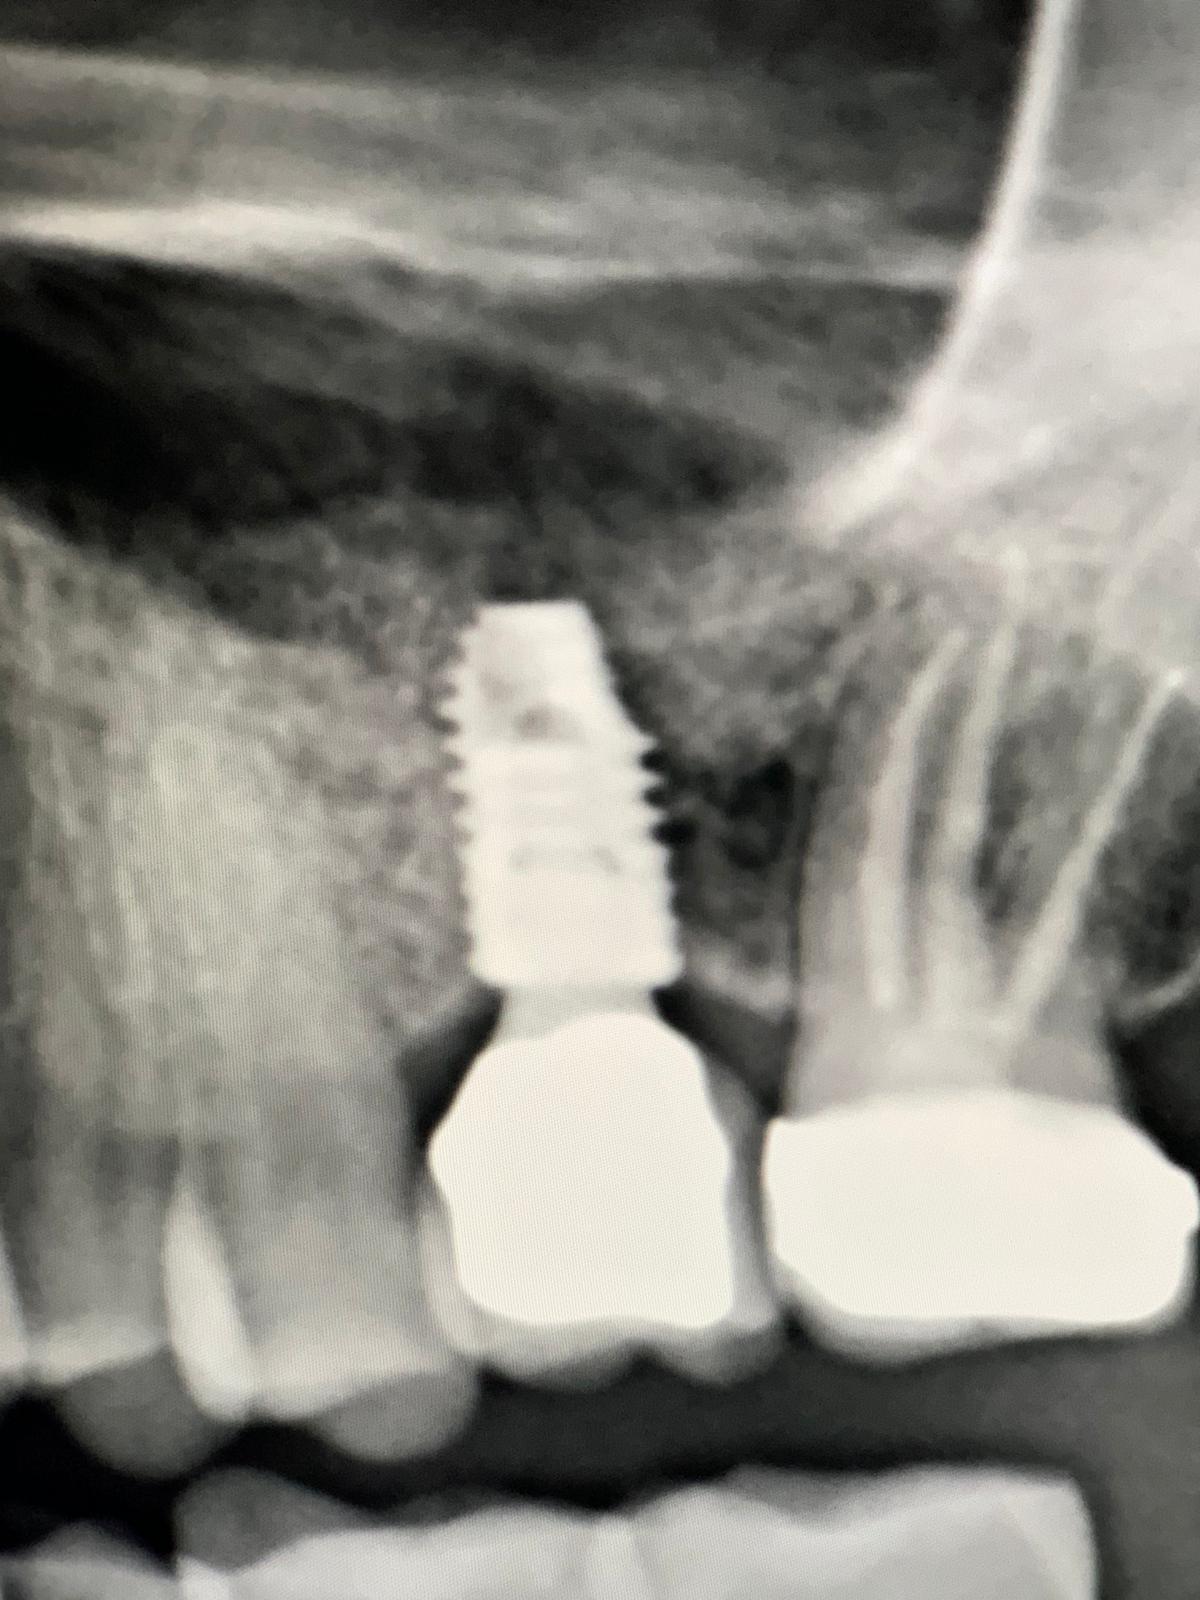 Lo scorso anno mi è stato messo un impianto con innesto osso sull'arcata superiore sinistra